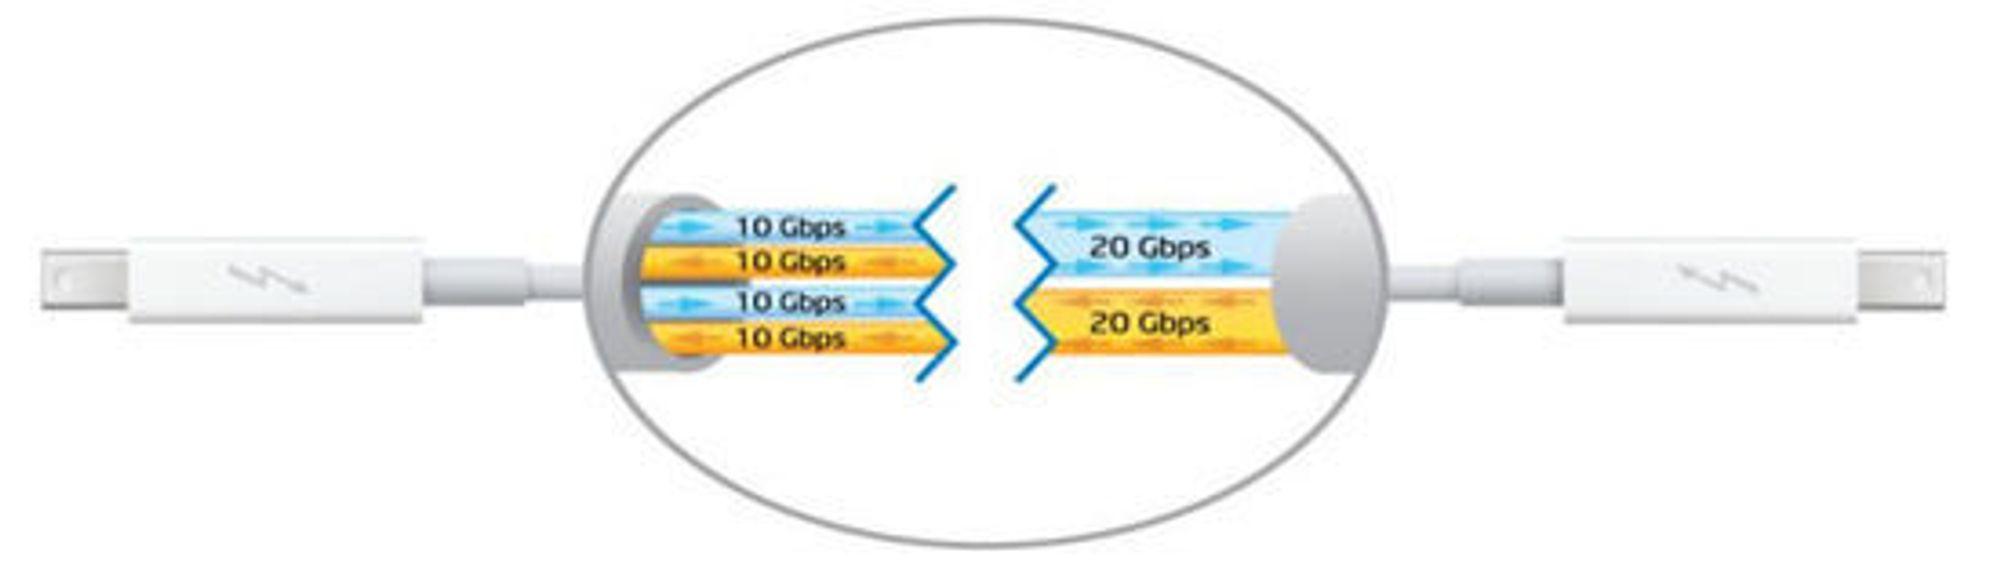 Dagens Thunderbolt-løsning (til venstre), sammenlignet med neste generasjons Thunderbolt-teknologi.